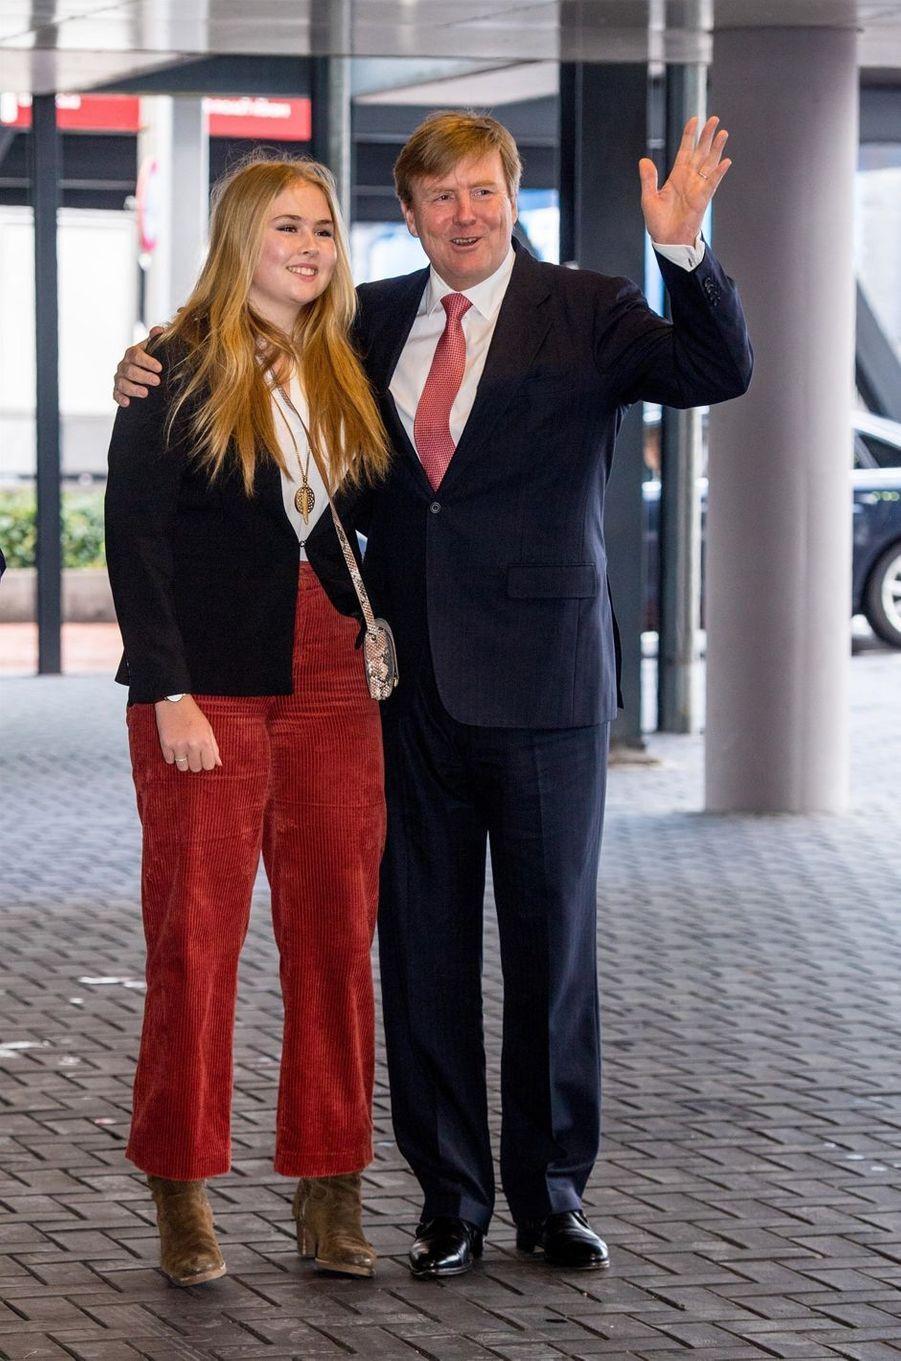 Le roi Willem-Alexander des Pays-Bas et sa fille aînée la princesse Catharina-Amalia à Amsterdam, le 27 janvier 2019